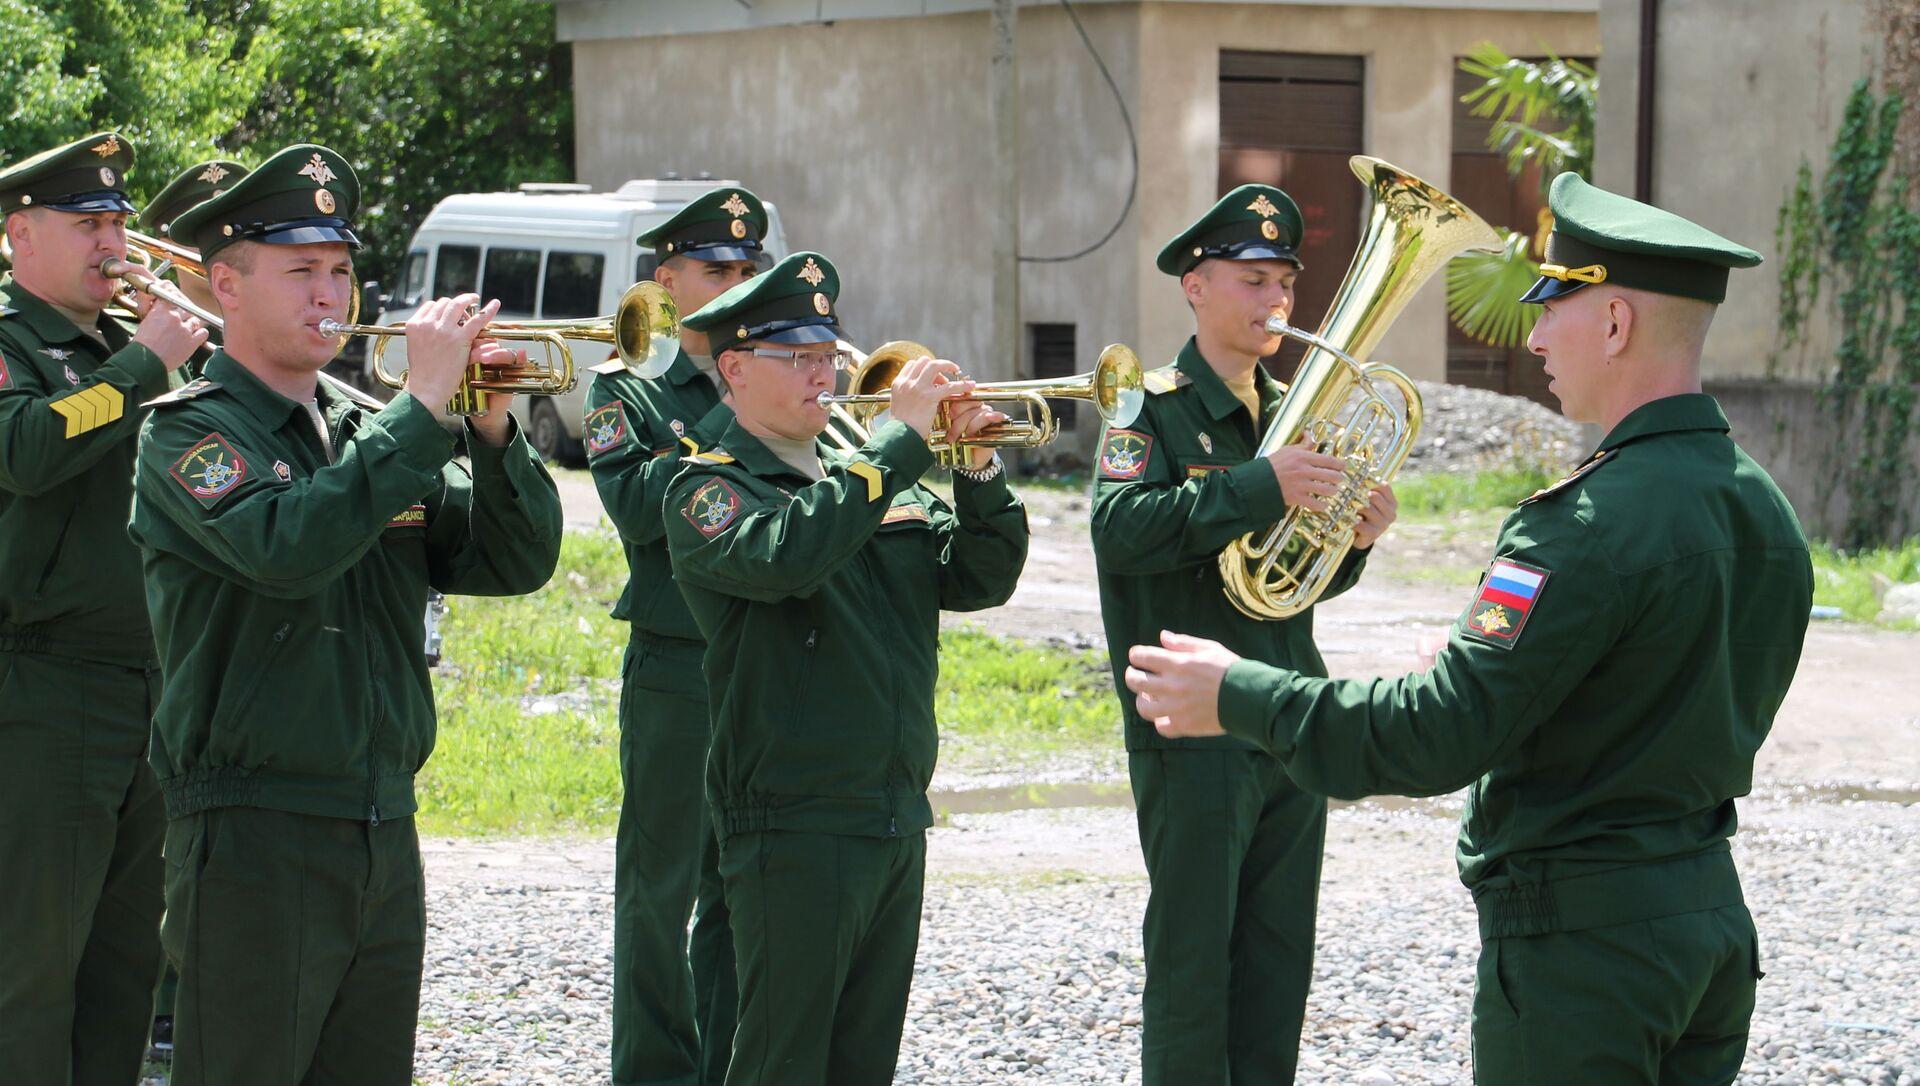 Поздравление ветерана на дому военнослужащими оркестра ЮВО  - Sputnik Аҧсны, 1920, 05.05.2021